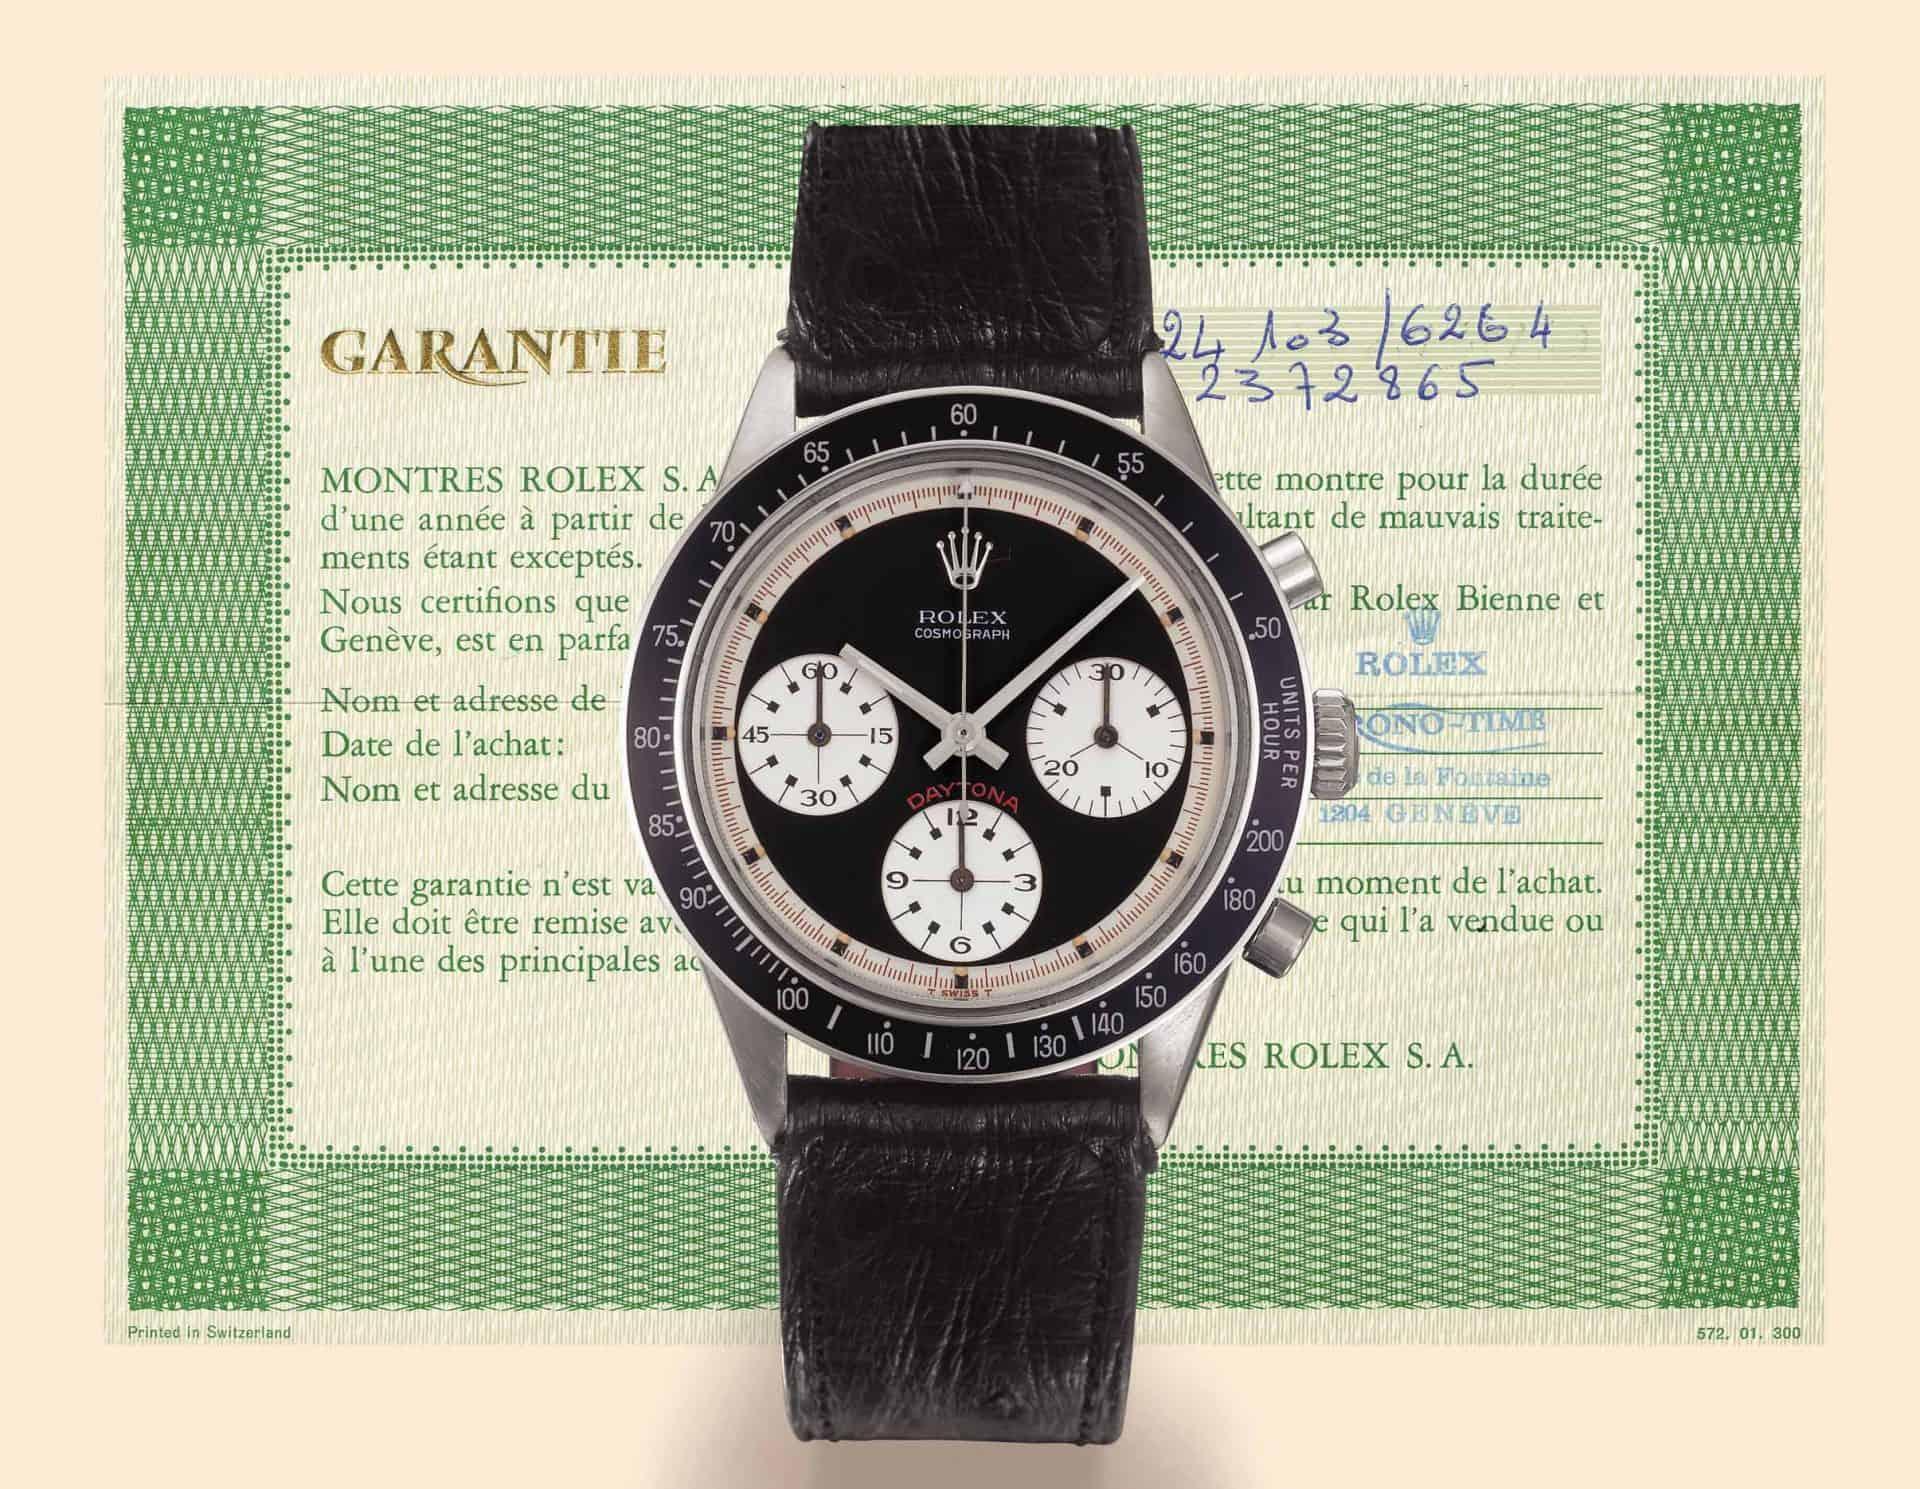 """Gefühle machen aus einer Uhr etwas Besonderes. Der absolute Star unter den Rolex """"Daytona"""" Chronographen: Referenz 6264 mit Paul Newman-Zifferblatt"""